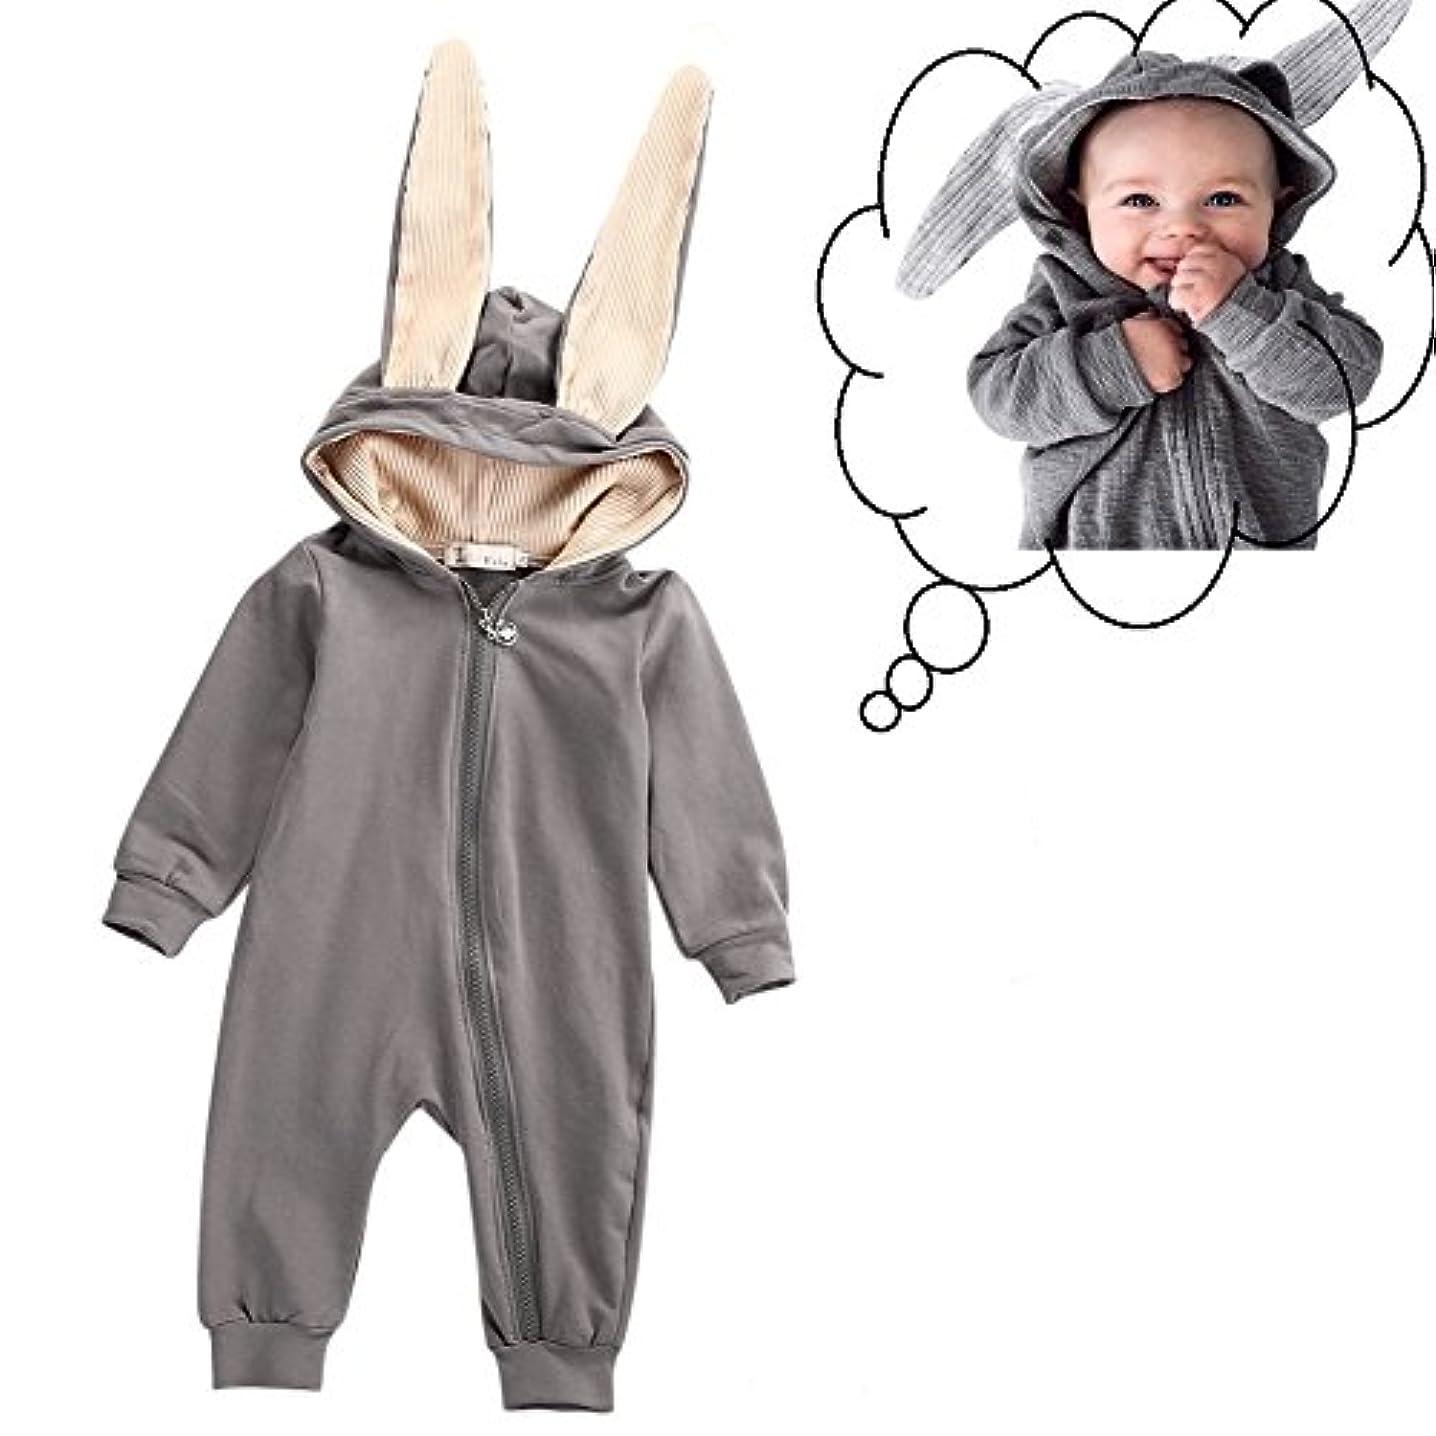 真剣に論文ベストOchine 兎 出産祝い 男の子 女の子 子供服 赤ちゃん服 ロンパース カバーオール 長袖 綿 ジッパー フード付き 大きな耳のウサギ コスチューム パジャマにも グレー 0-4歳に